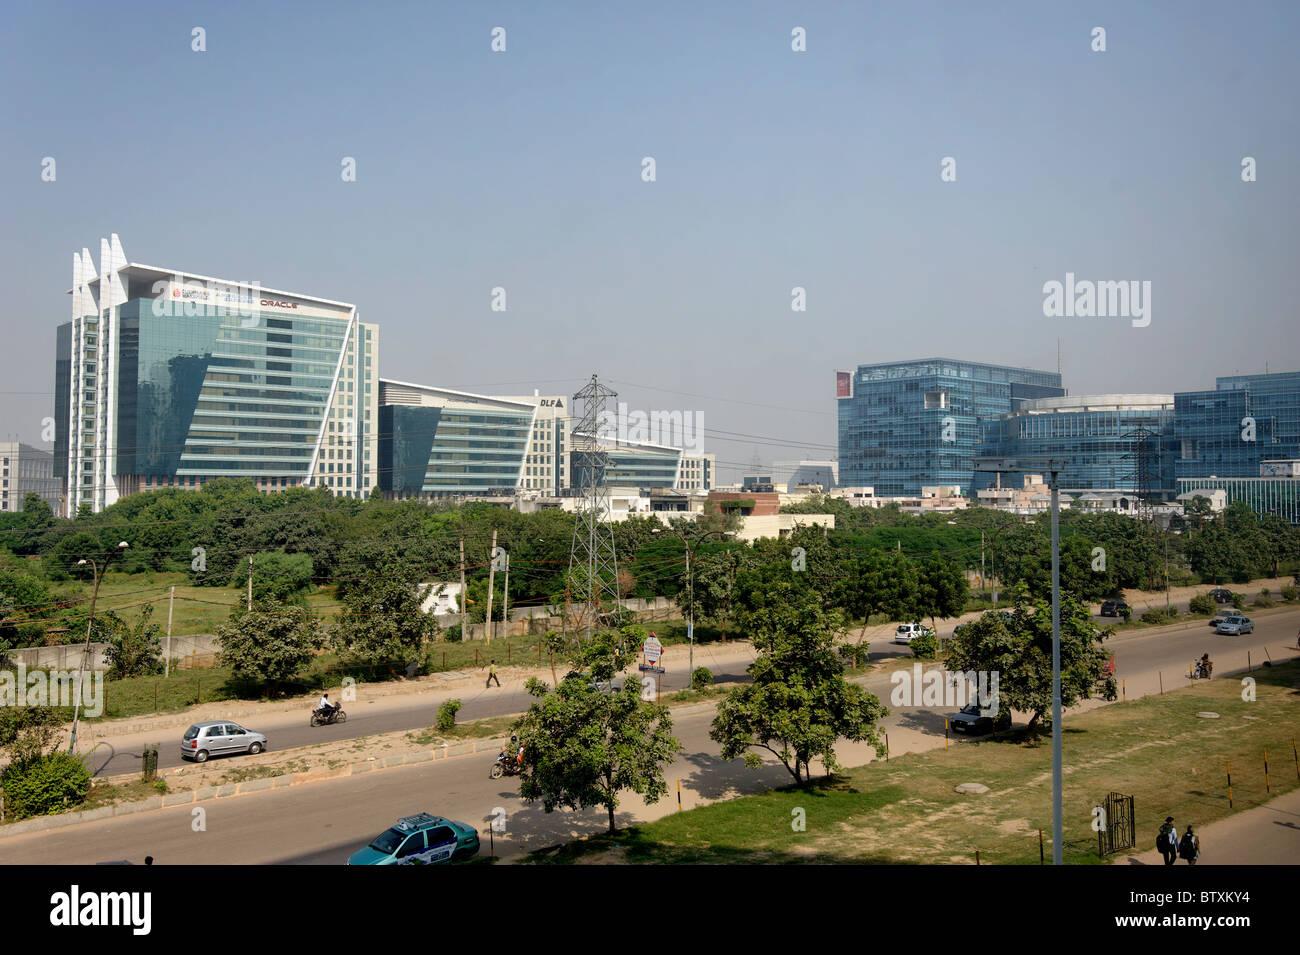 Il paesaggio di Gurgaon, l'area di sviluppo di Haryana, India Immagini Stock